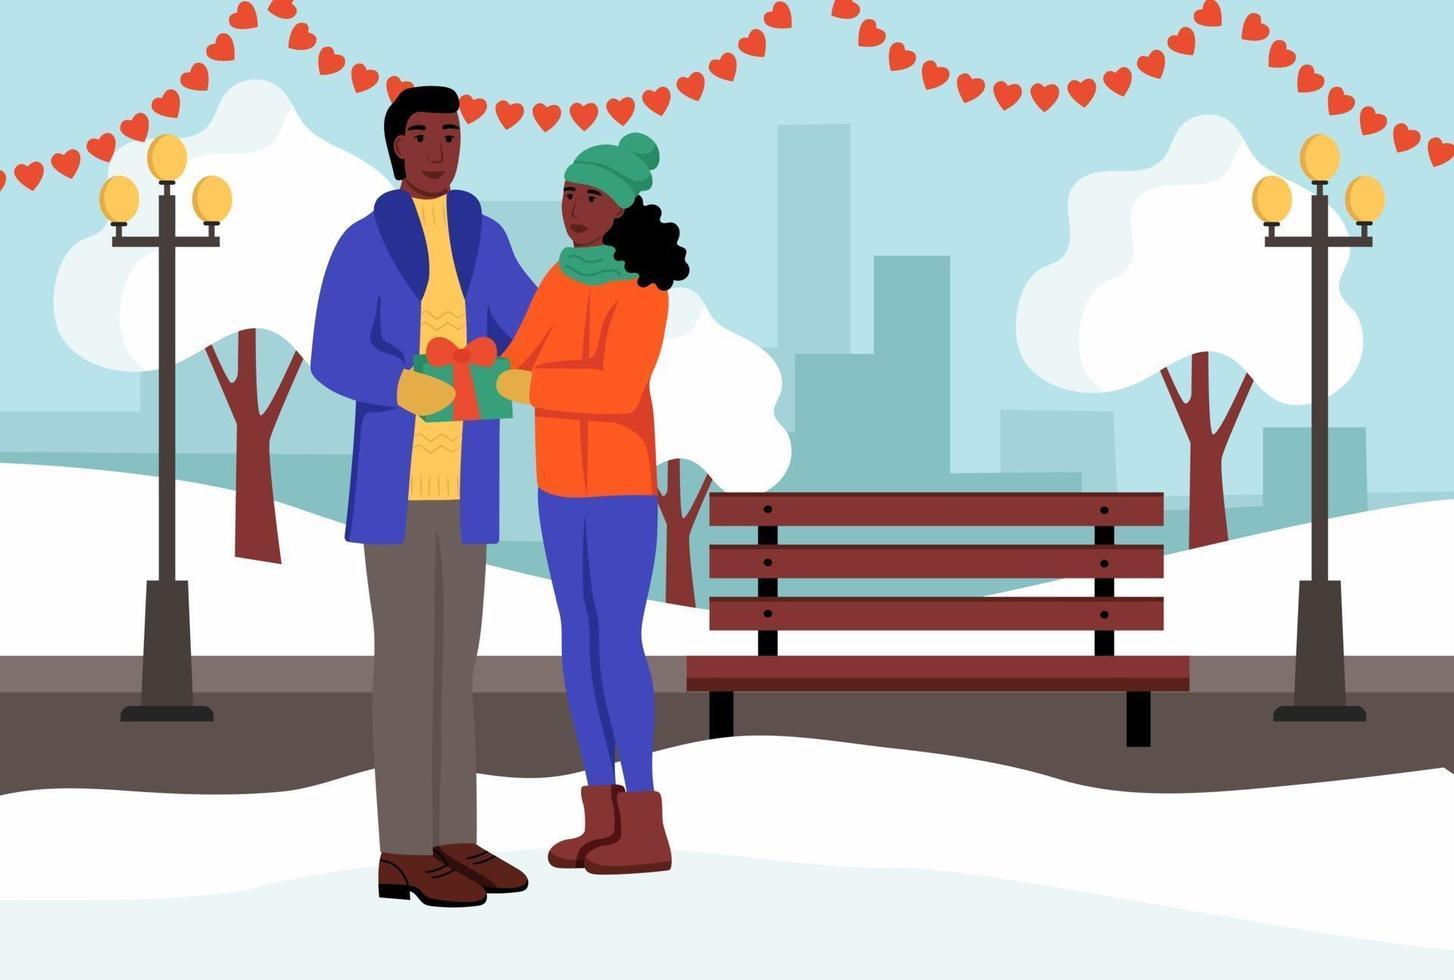 een paar wisselen cadeaus uit in een winterpark. een jonge man en een vrouw vieren Valentijnsdag. platte vectorillustratie. vector